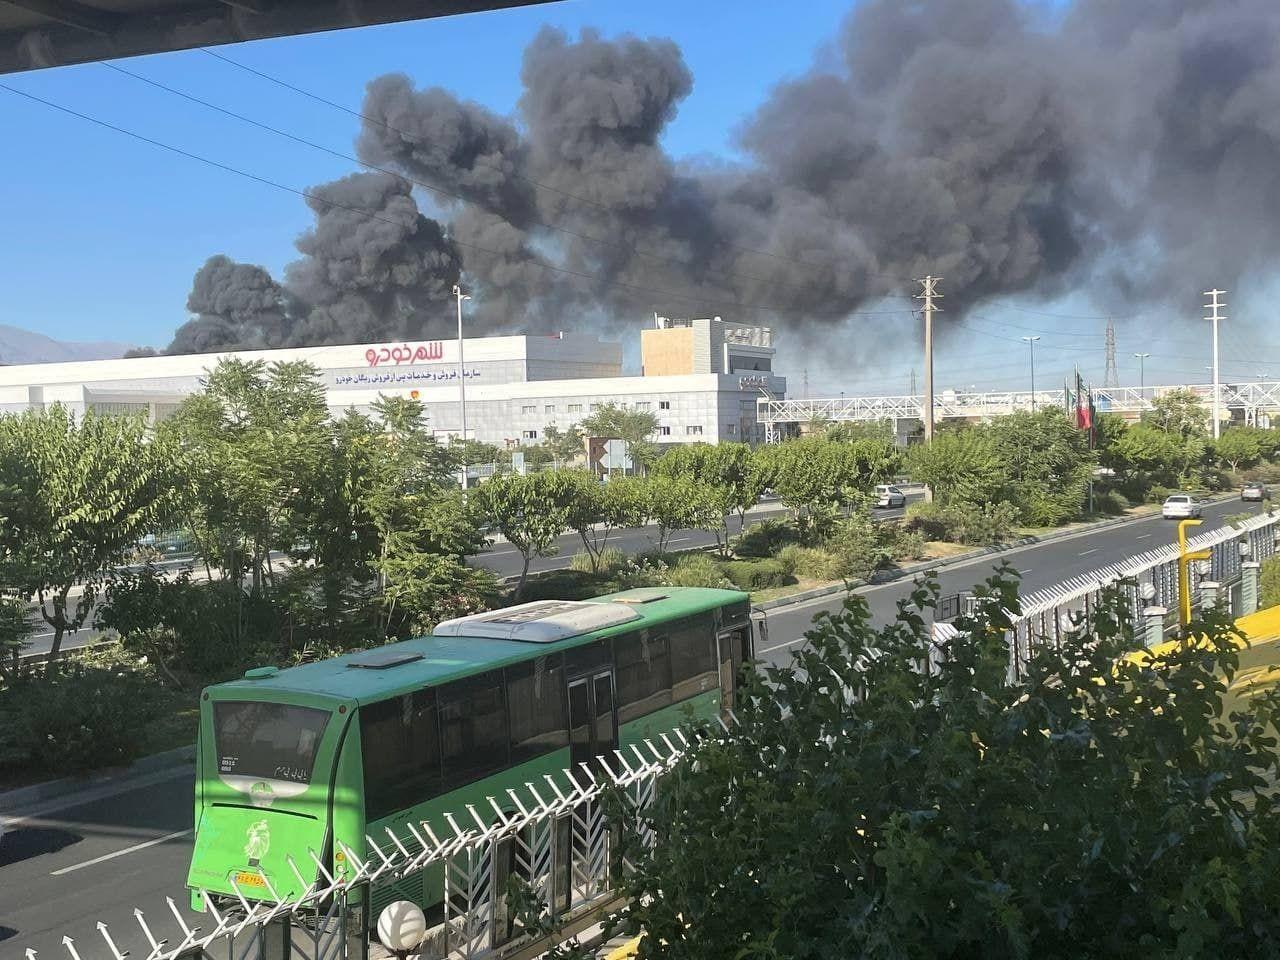 """الحريق الذي اندلع في شركة """"بهنوش"""" للمواد الغذائية غربي العاصمة طهران يوم الاثنين"""